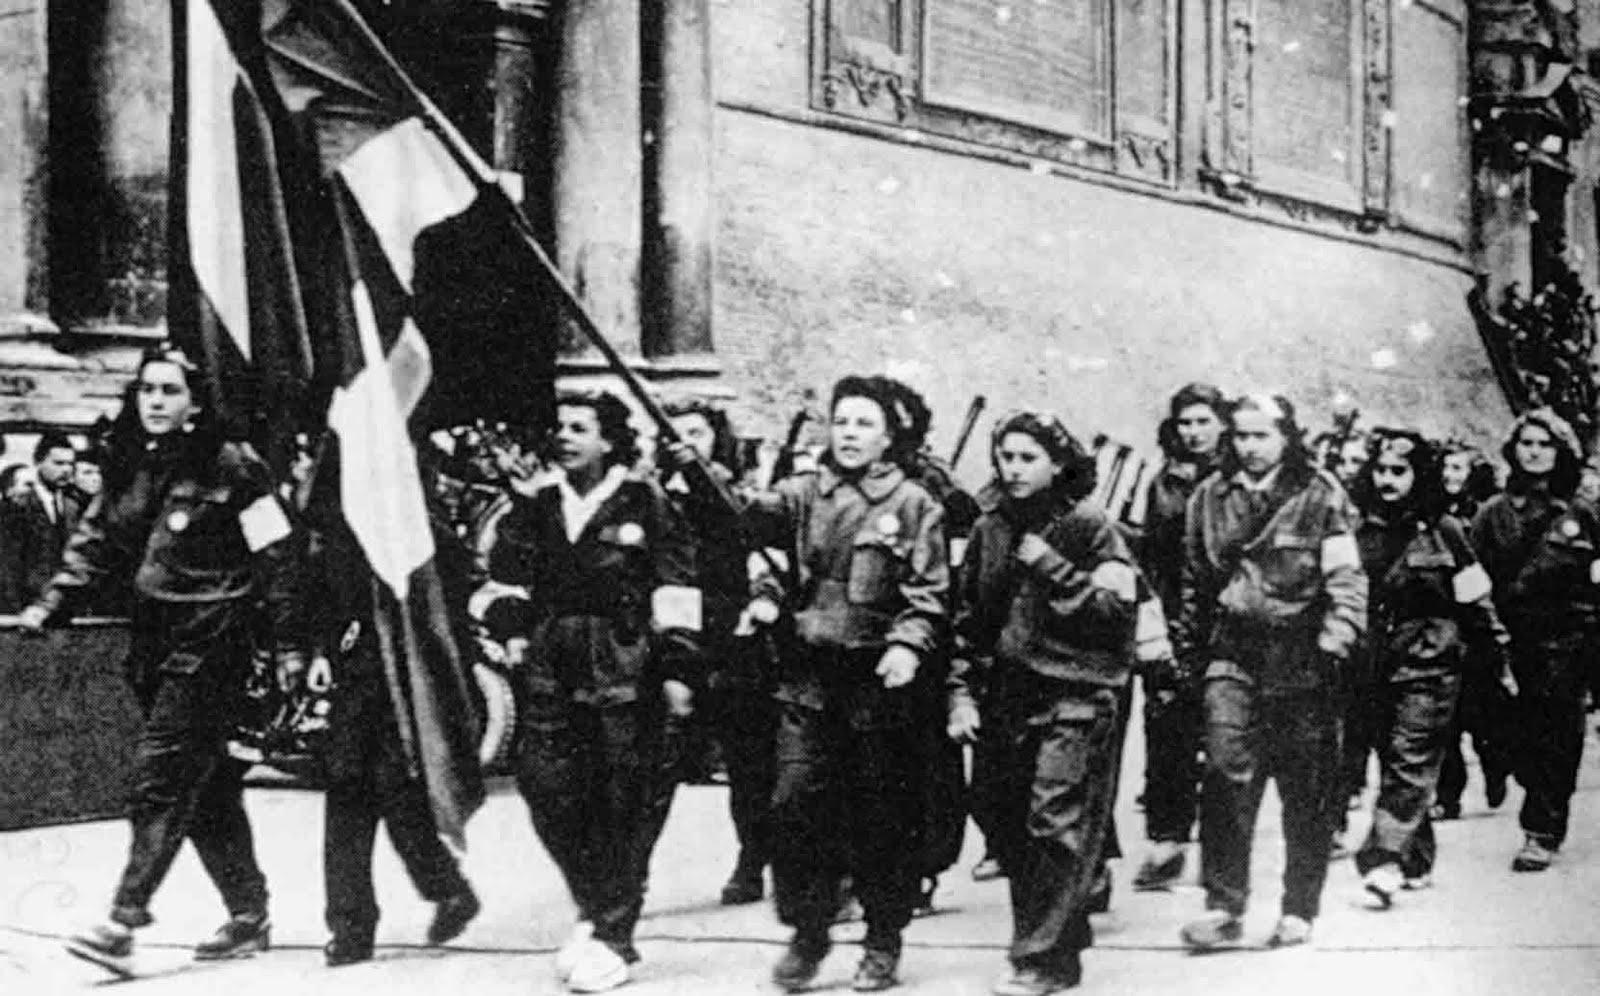 Fascismo e Massoneria, storia di rapporti complessi – 6^ parte – Luigi Morrone